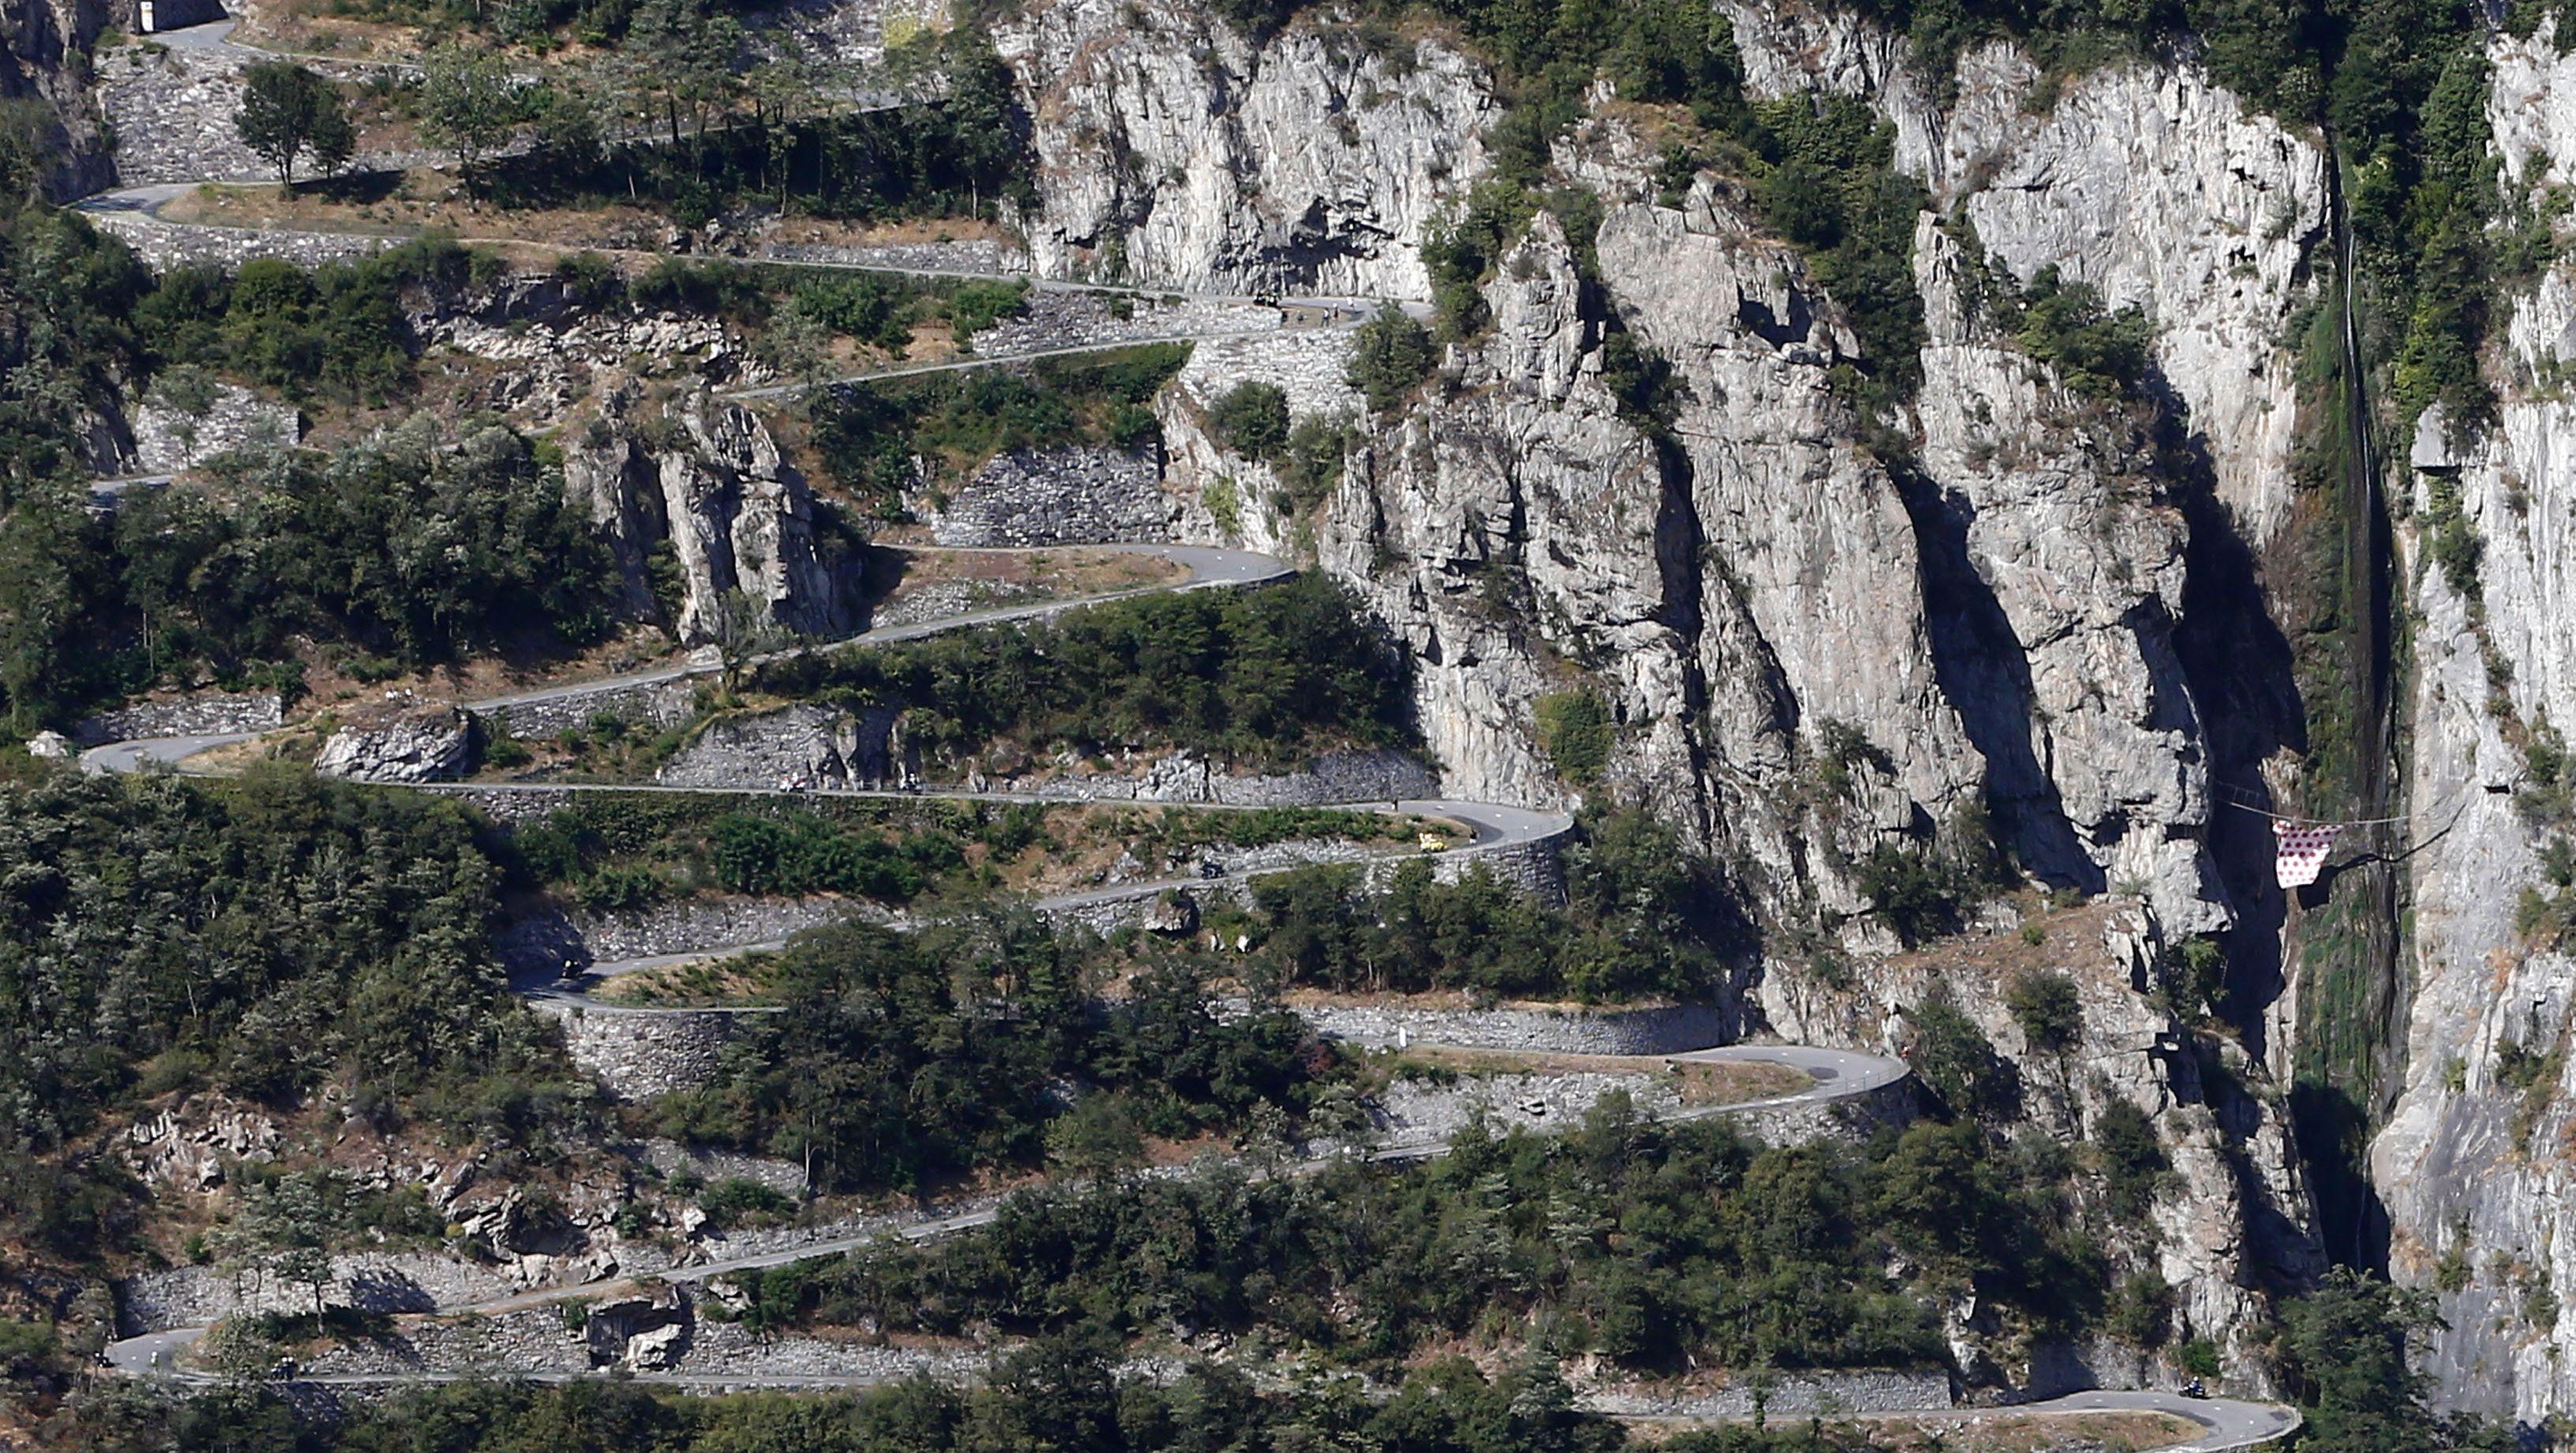 Bonificatie bij bergetappes